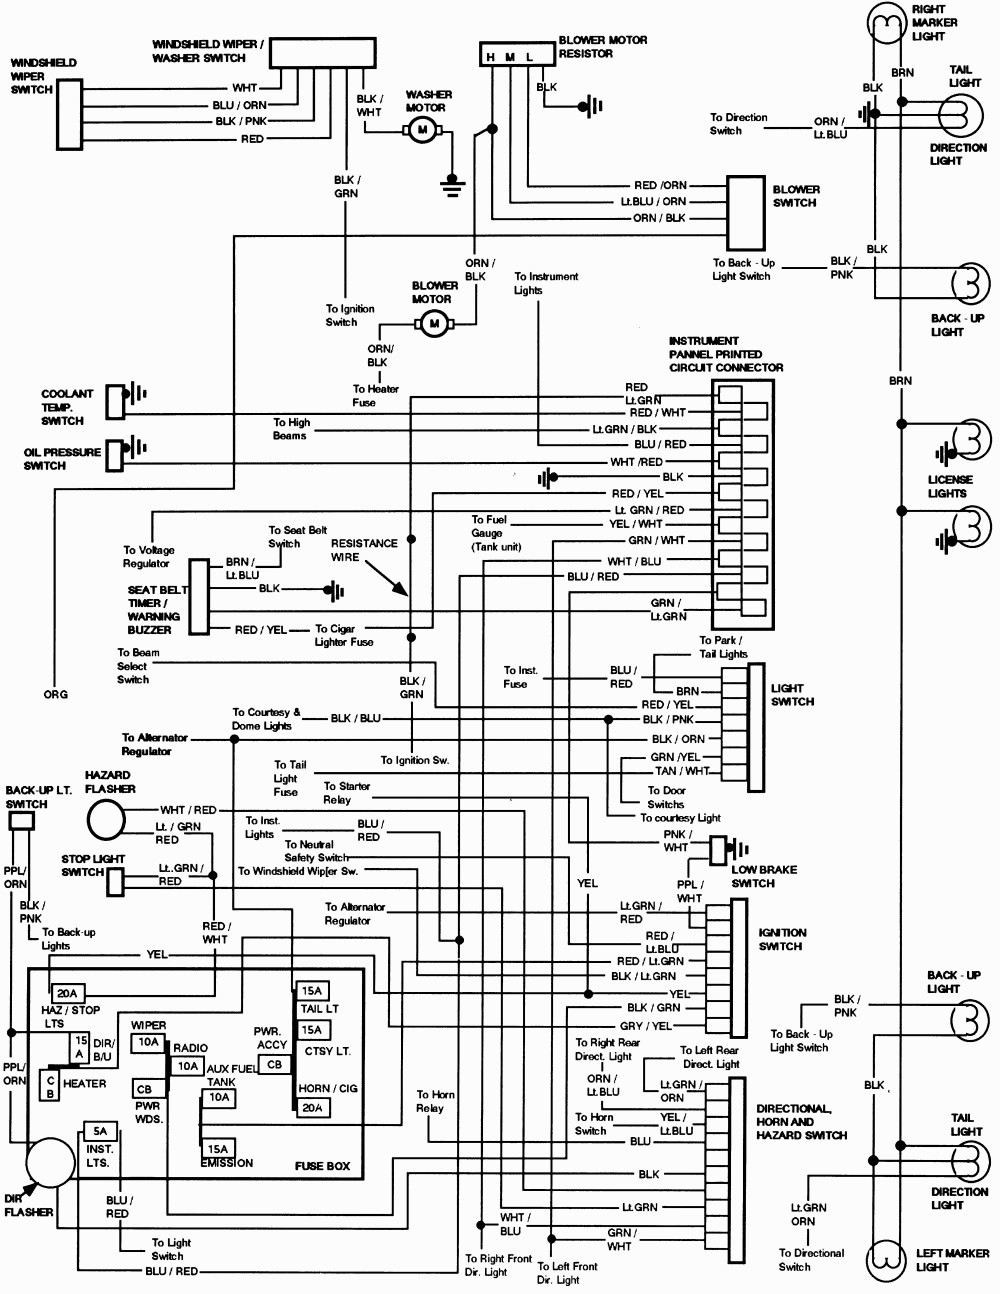 1996 Ford F800 Wiring Diagram - 1997 Ford Truck Radio ...